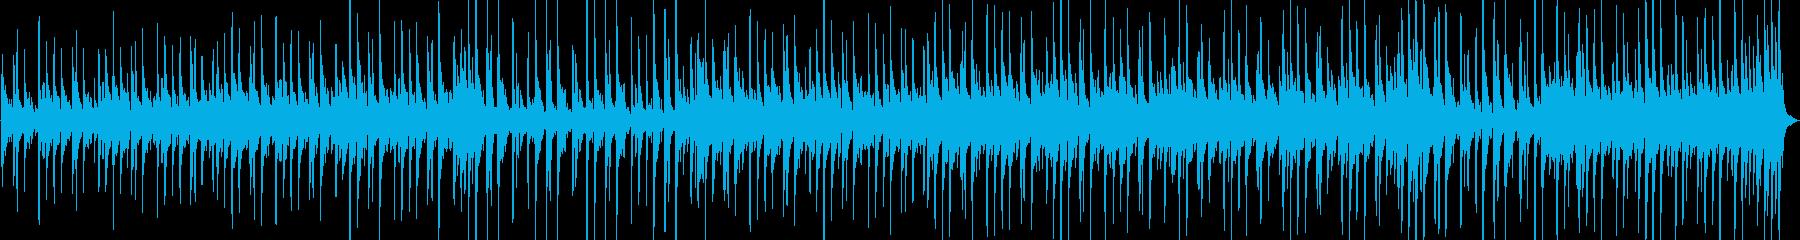 アコースティックギター、グロッケン...の再生済みの波形